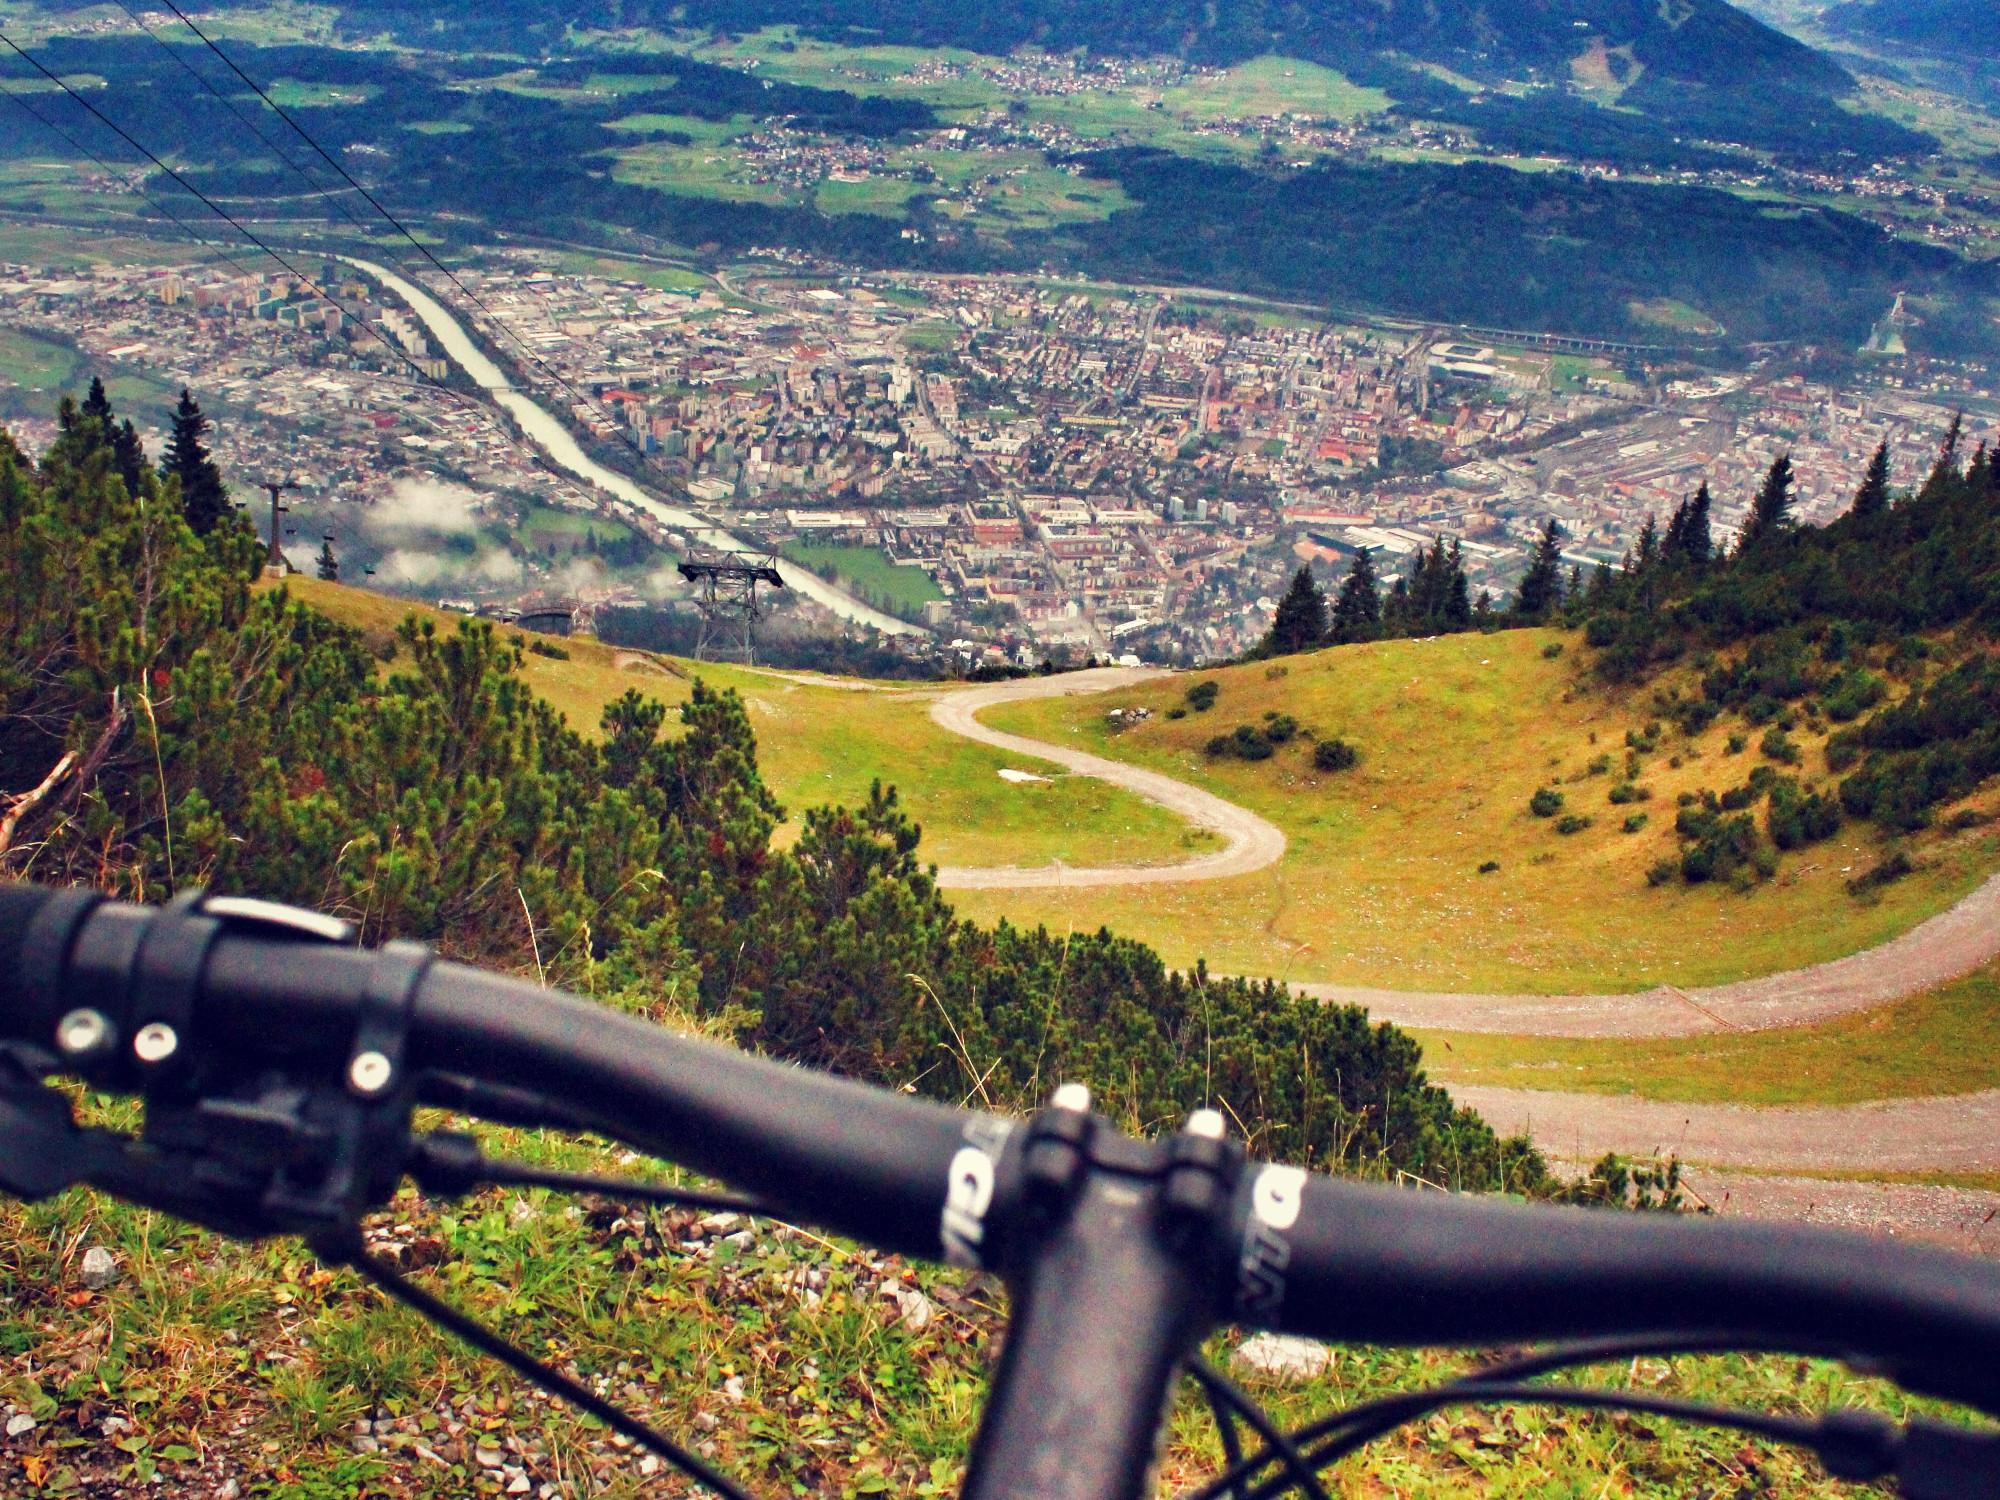 bike_2000_pixabay_cc0_071116